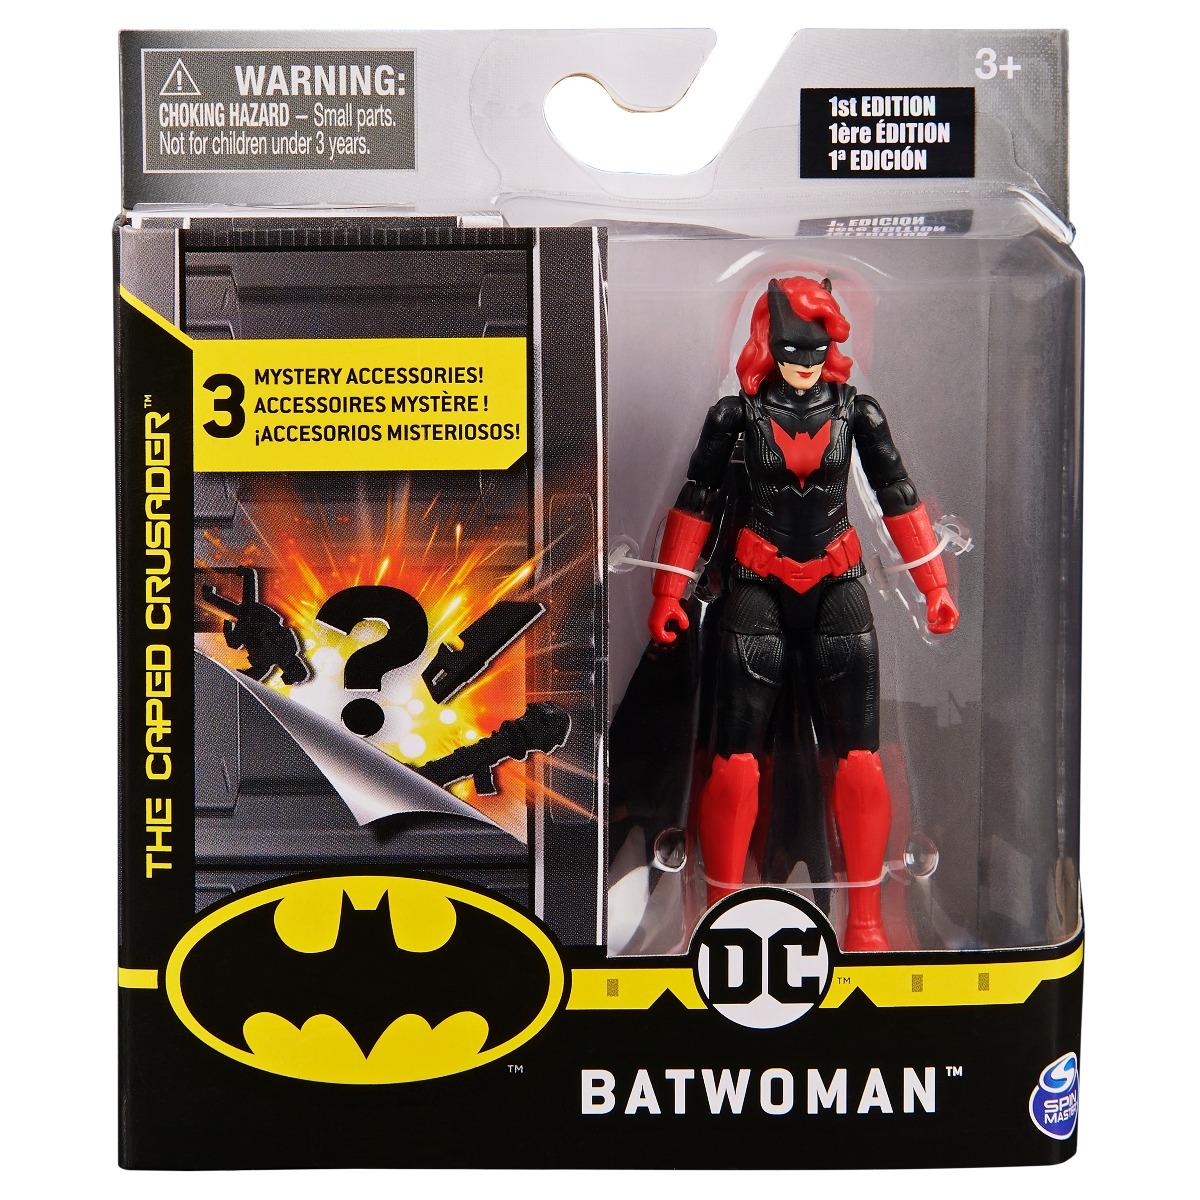 Set Figurina cu accesorii surpriza Batman, Batwoman 20124537